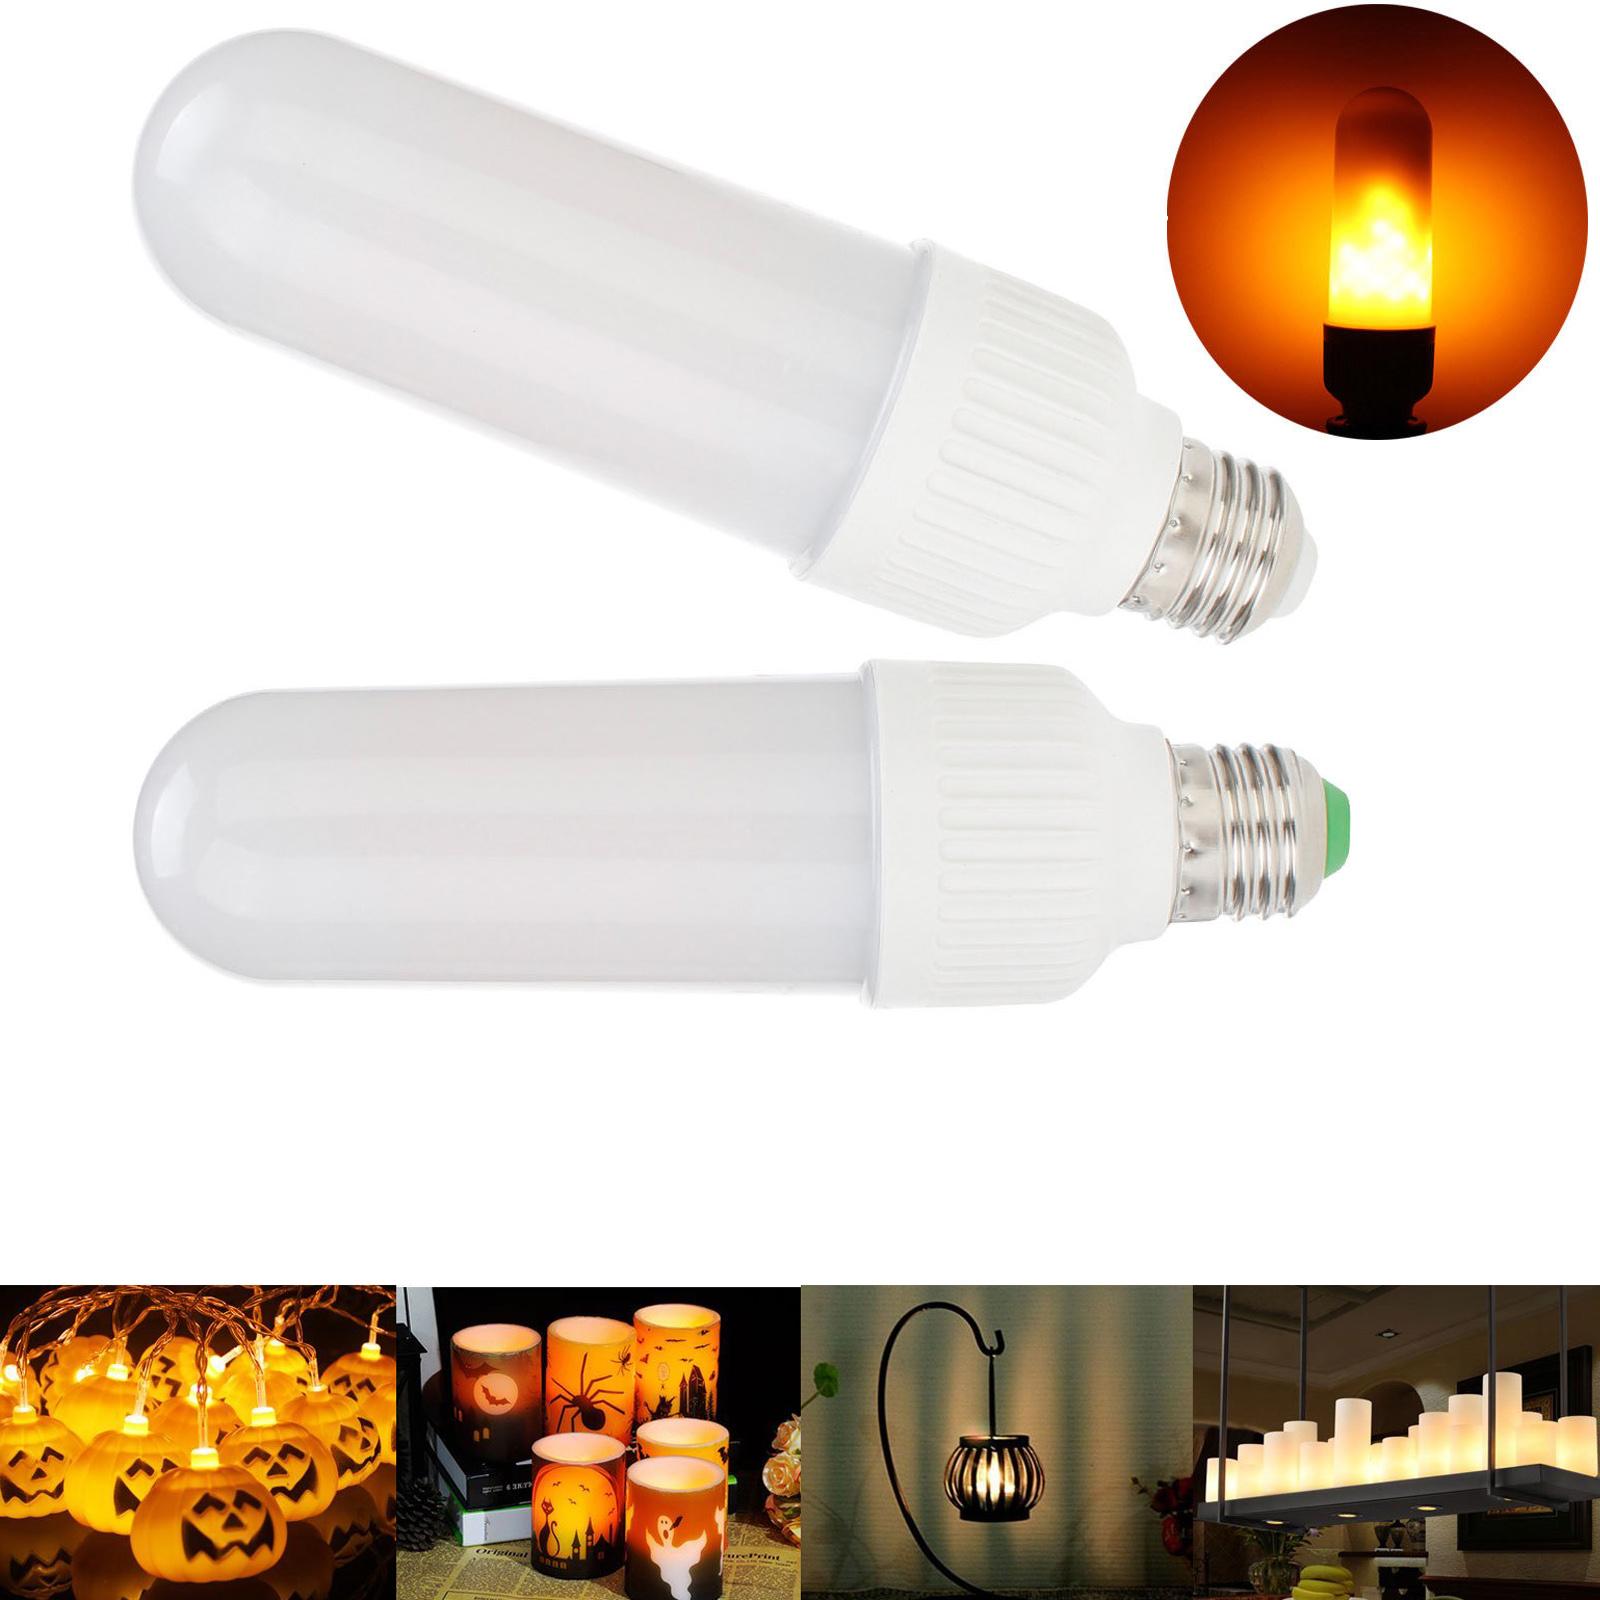 LED Flame Effect Simulated Nature Fire Light Corn Bulbs E26 E27 Xmas Decor Lamp